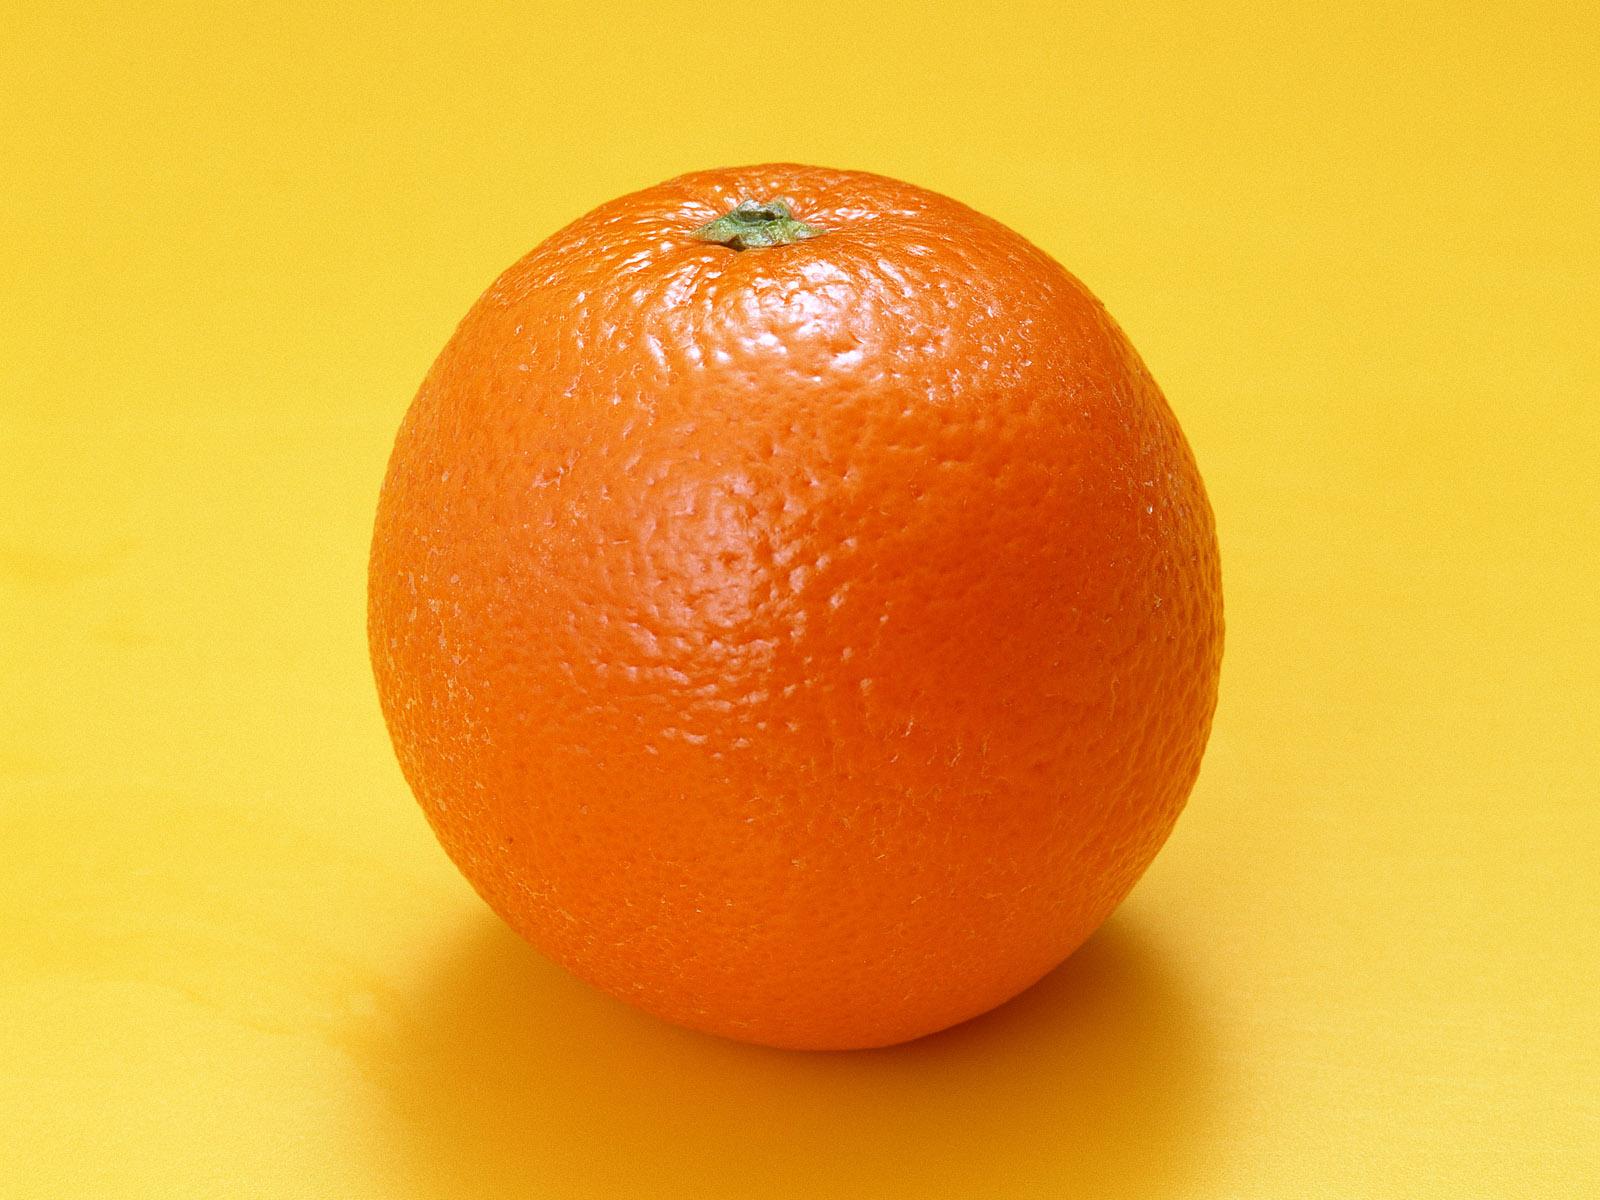 The Best Top Desktop Orange Wallpapers Wallpaper Background Hd 10